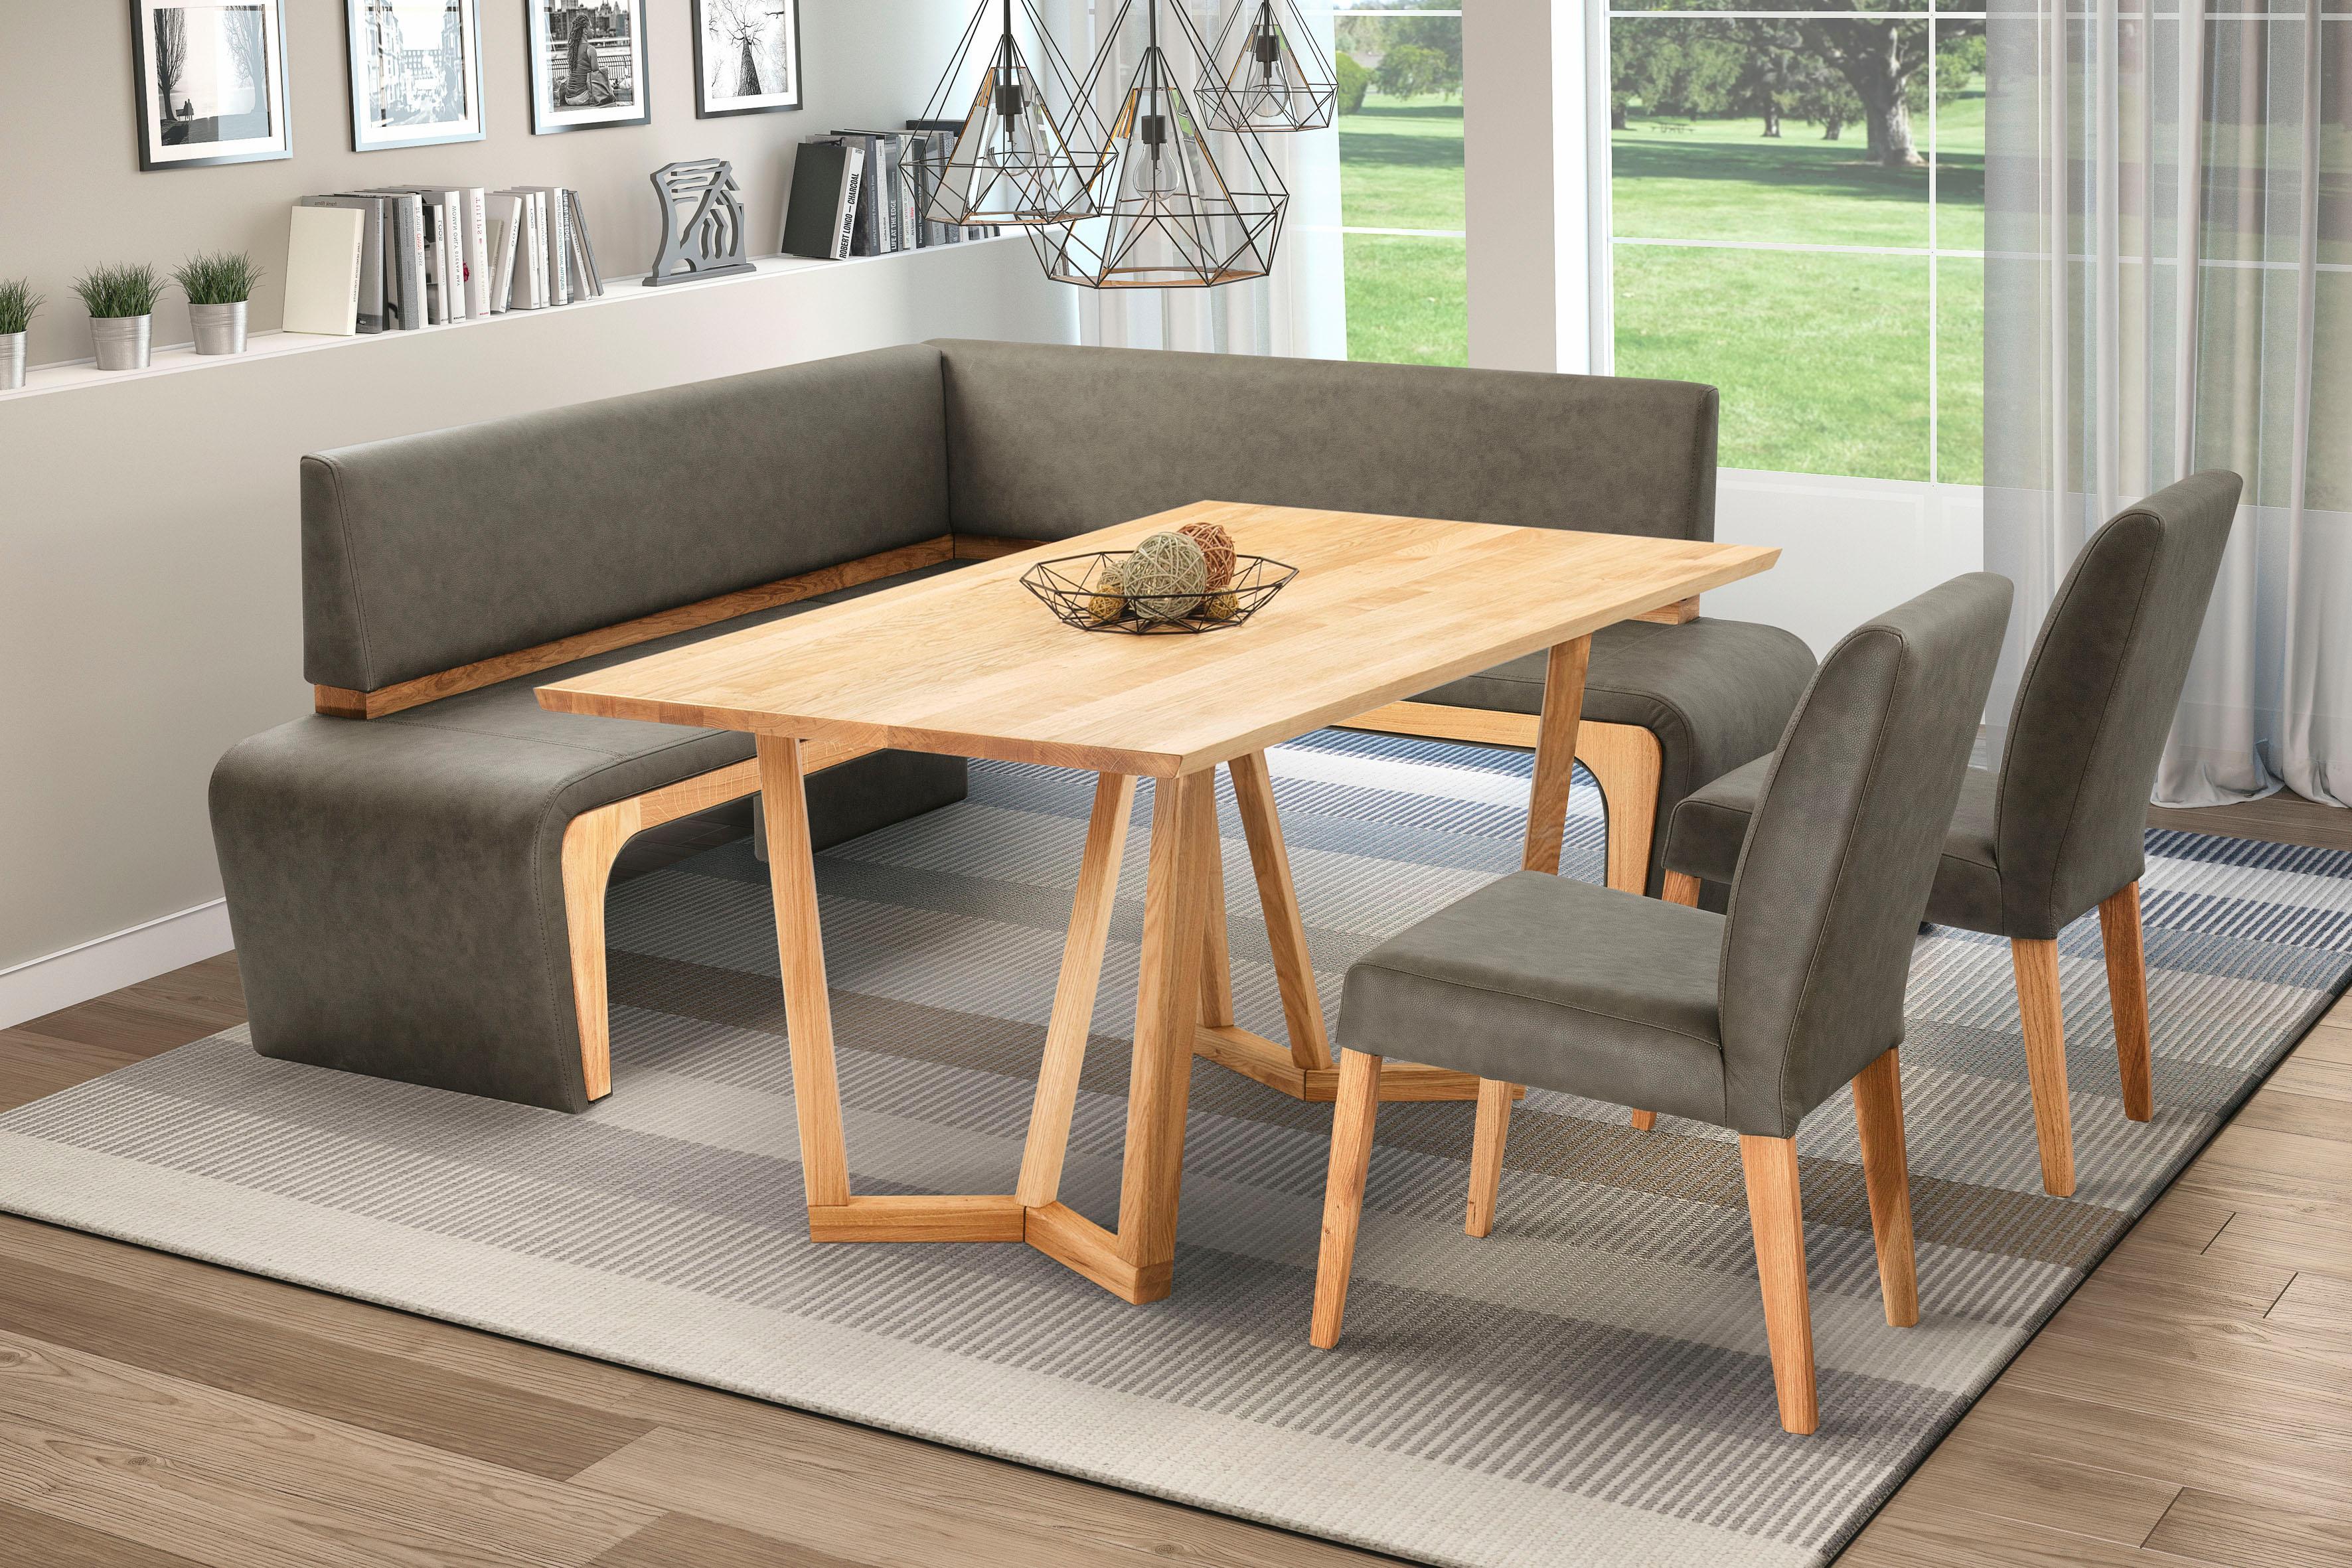 Eckbank »Agram« | Küche und Esszimmer > Sitzbänke > Eckbänke | Braun | Holzwerkstoff - Kunstleder - Holz | QUELLE